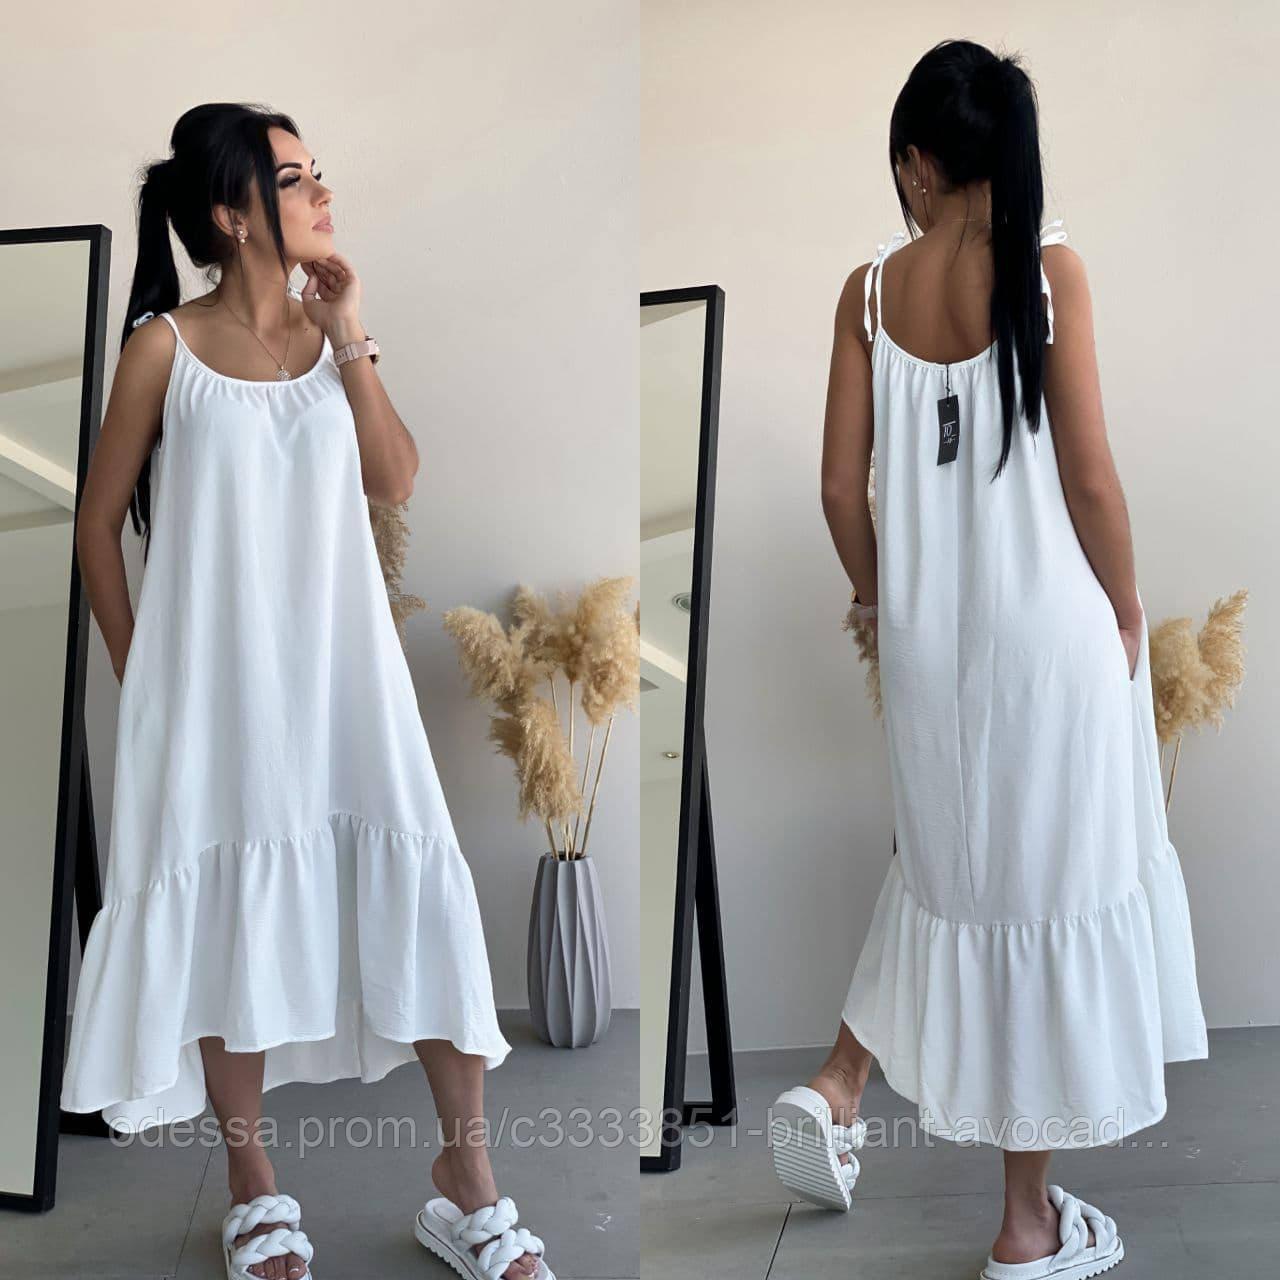 Женский модный летний сарафан - платье, размер 42 44 46 48 50 52